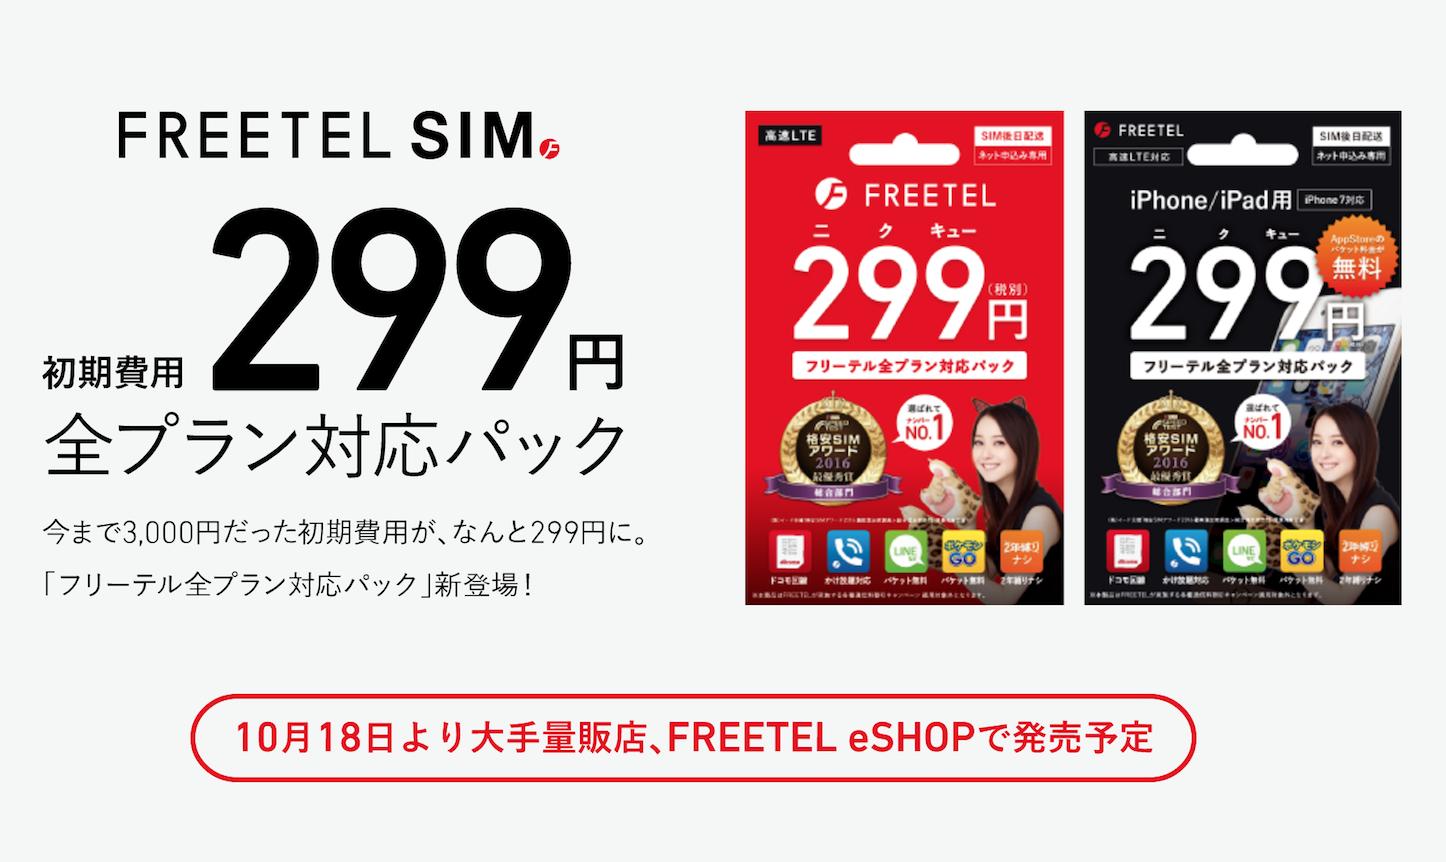 Freetel SIM 299yen